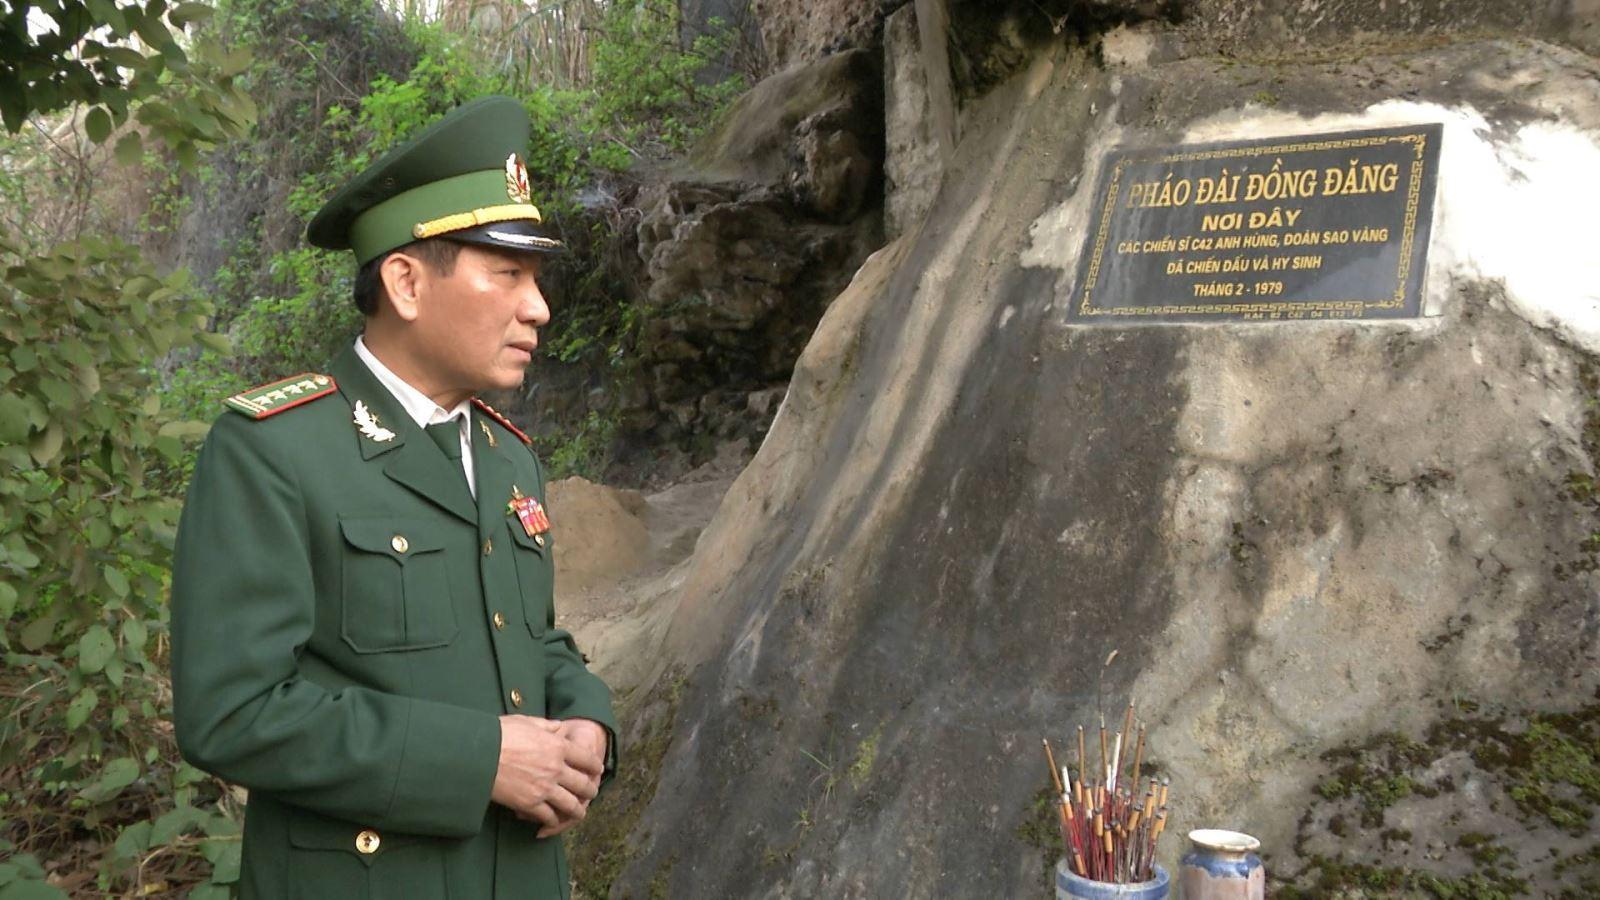 Đại tá, Anh hùng Lực lượng vũ trang nhân dân Nông Văn Phiao thăm lại chiến trường xưa. (Ảnh nhân vật cung cấp)